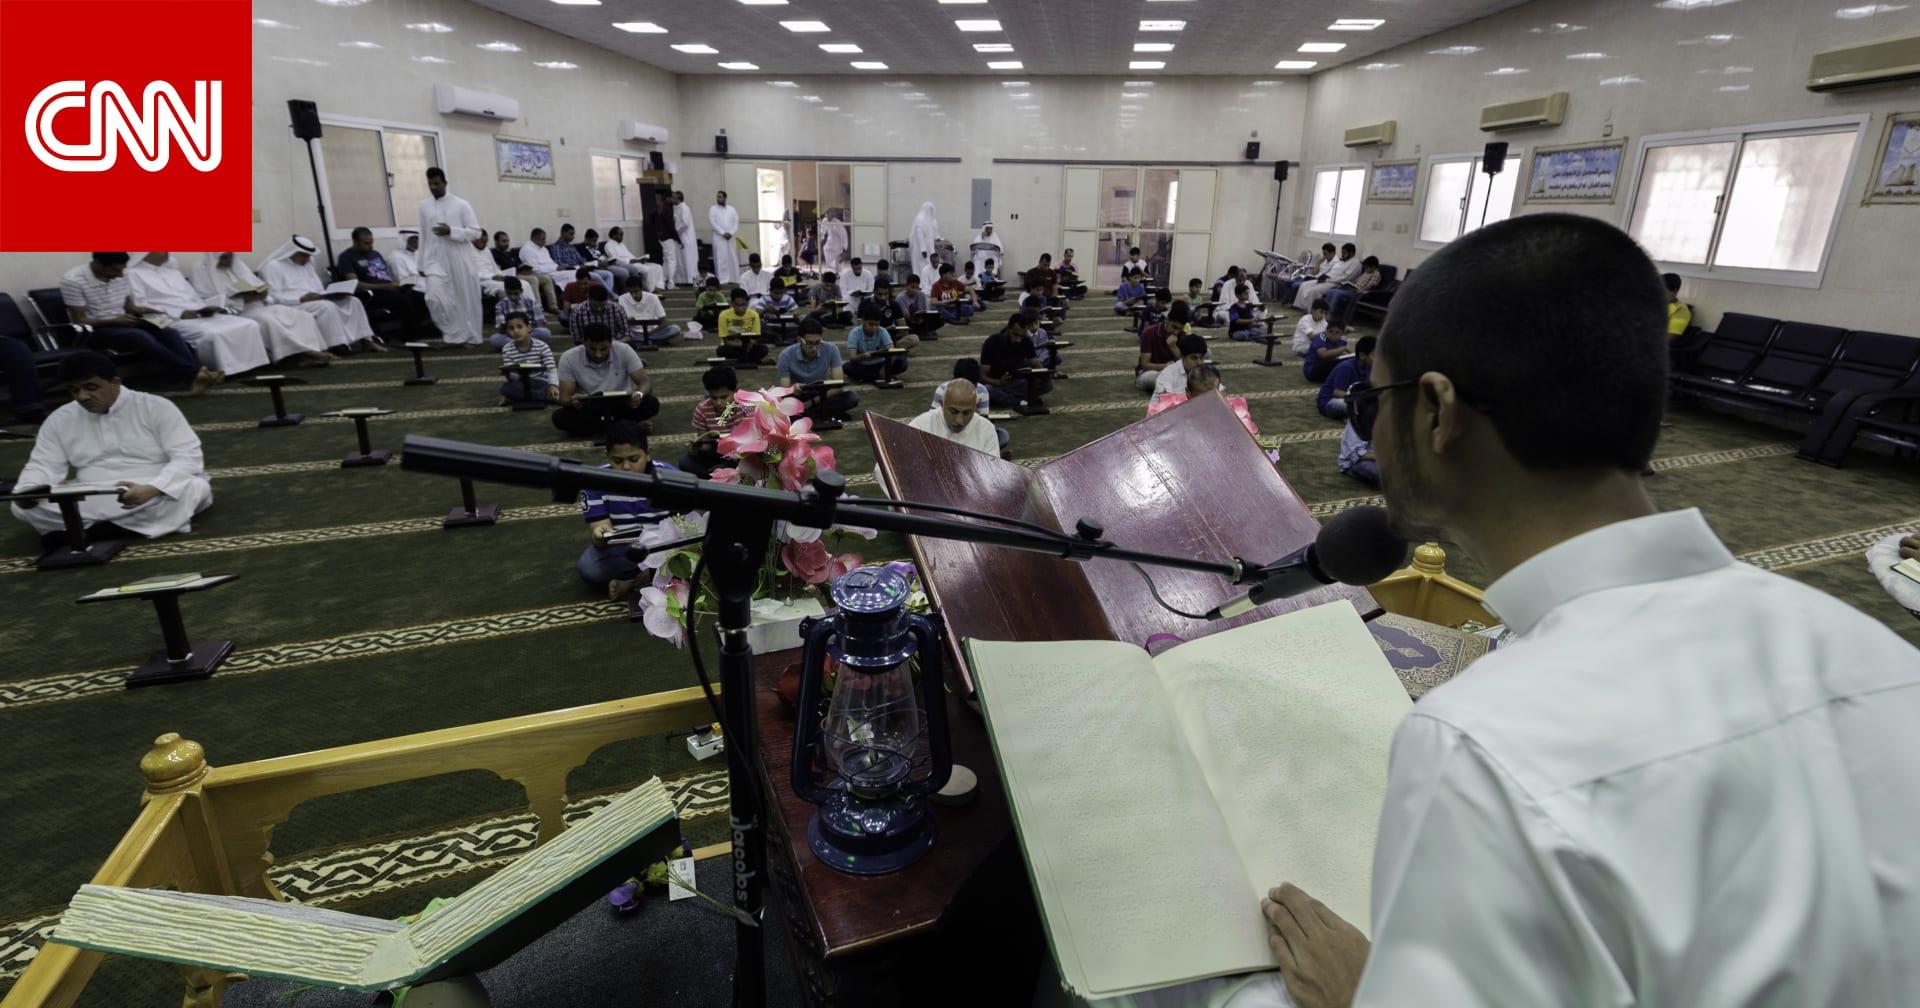 السعودية.. ما رأي العثيمين بعد تعميم حظر استخدام مكبرات الصوت الخارجية في غير الأذان والإقامة؟